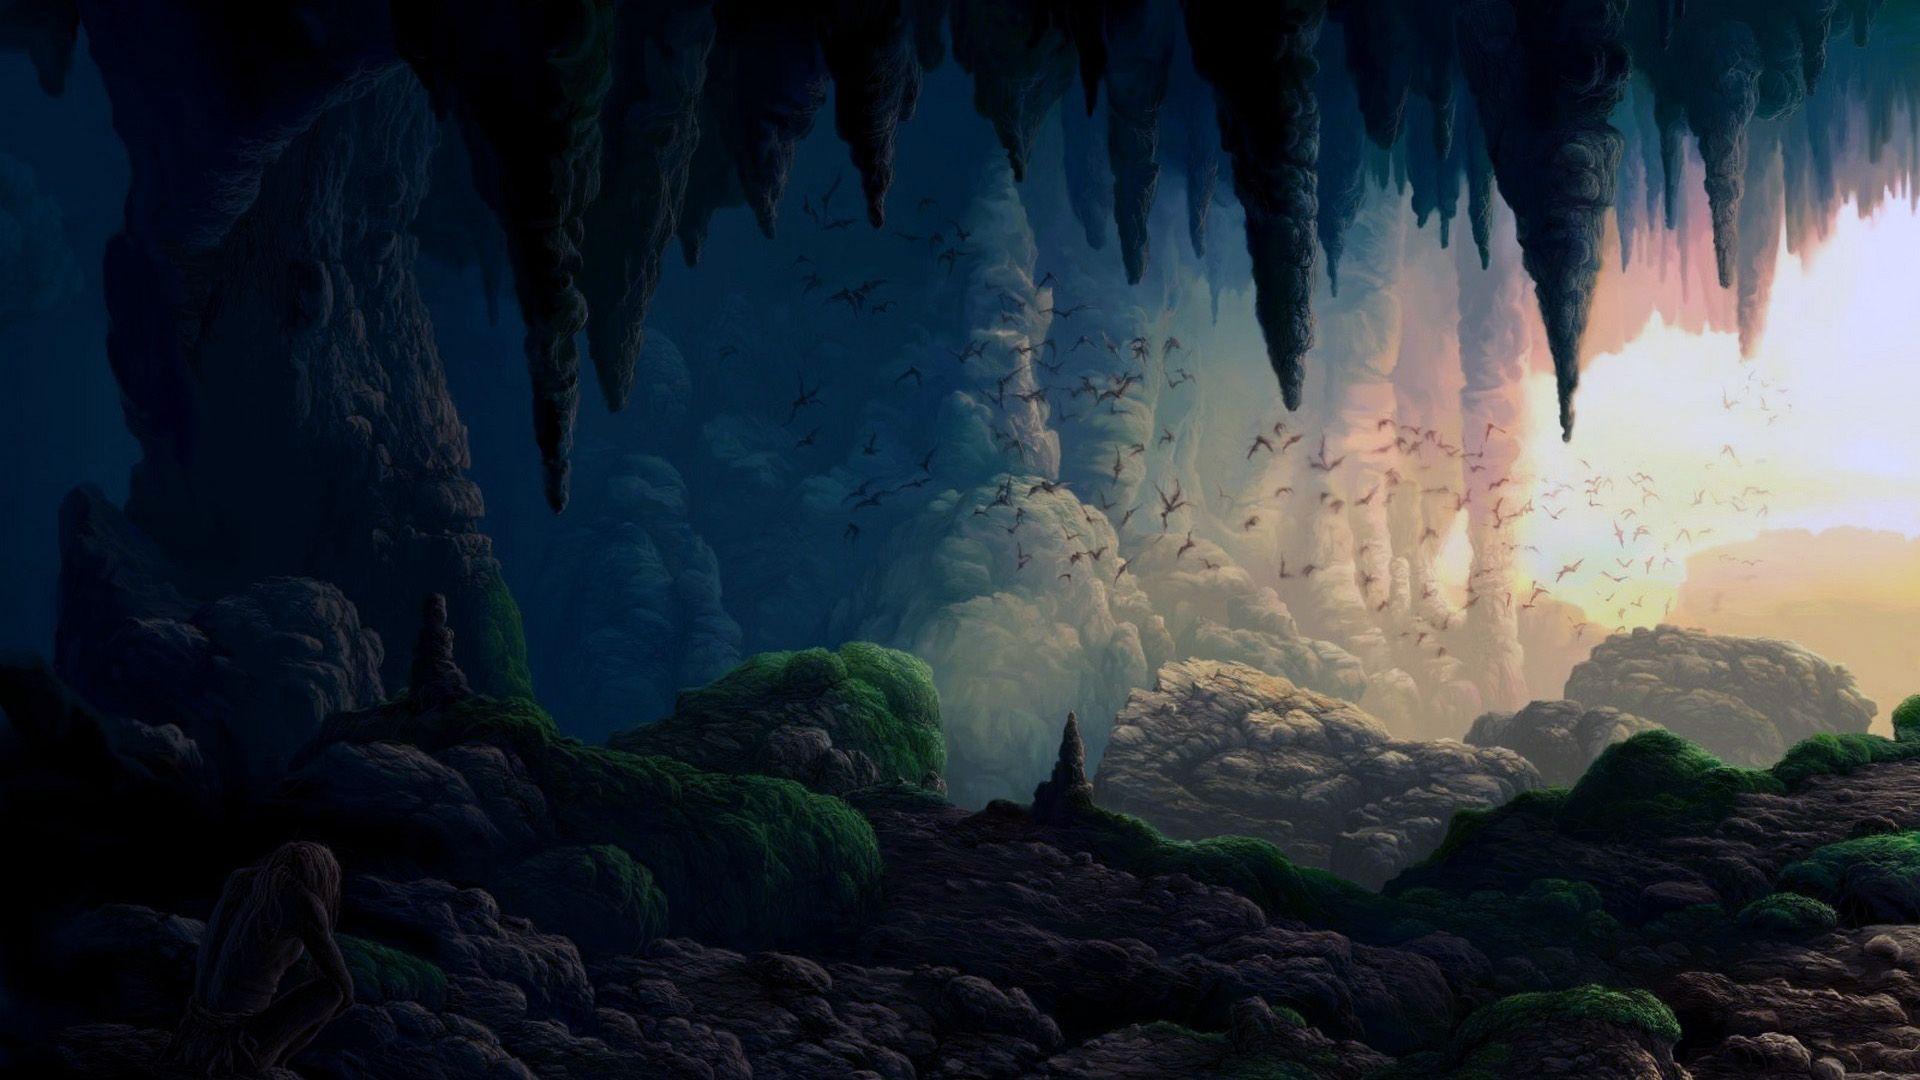 Cave desktop background free